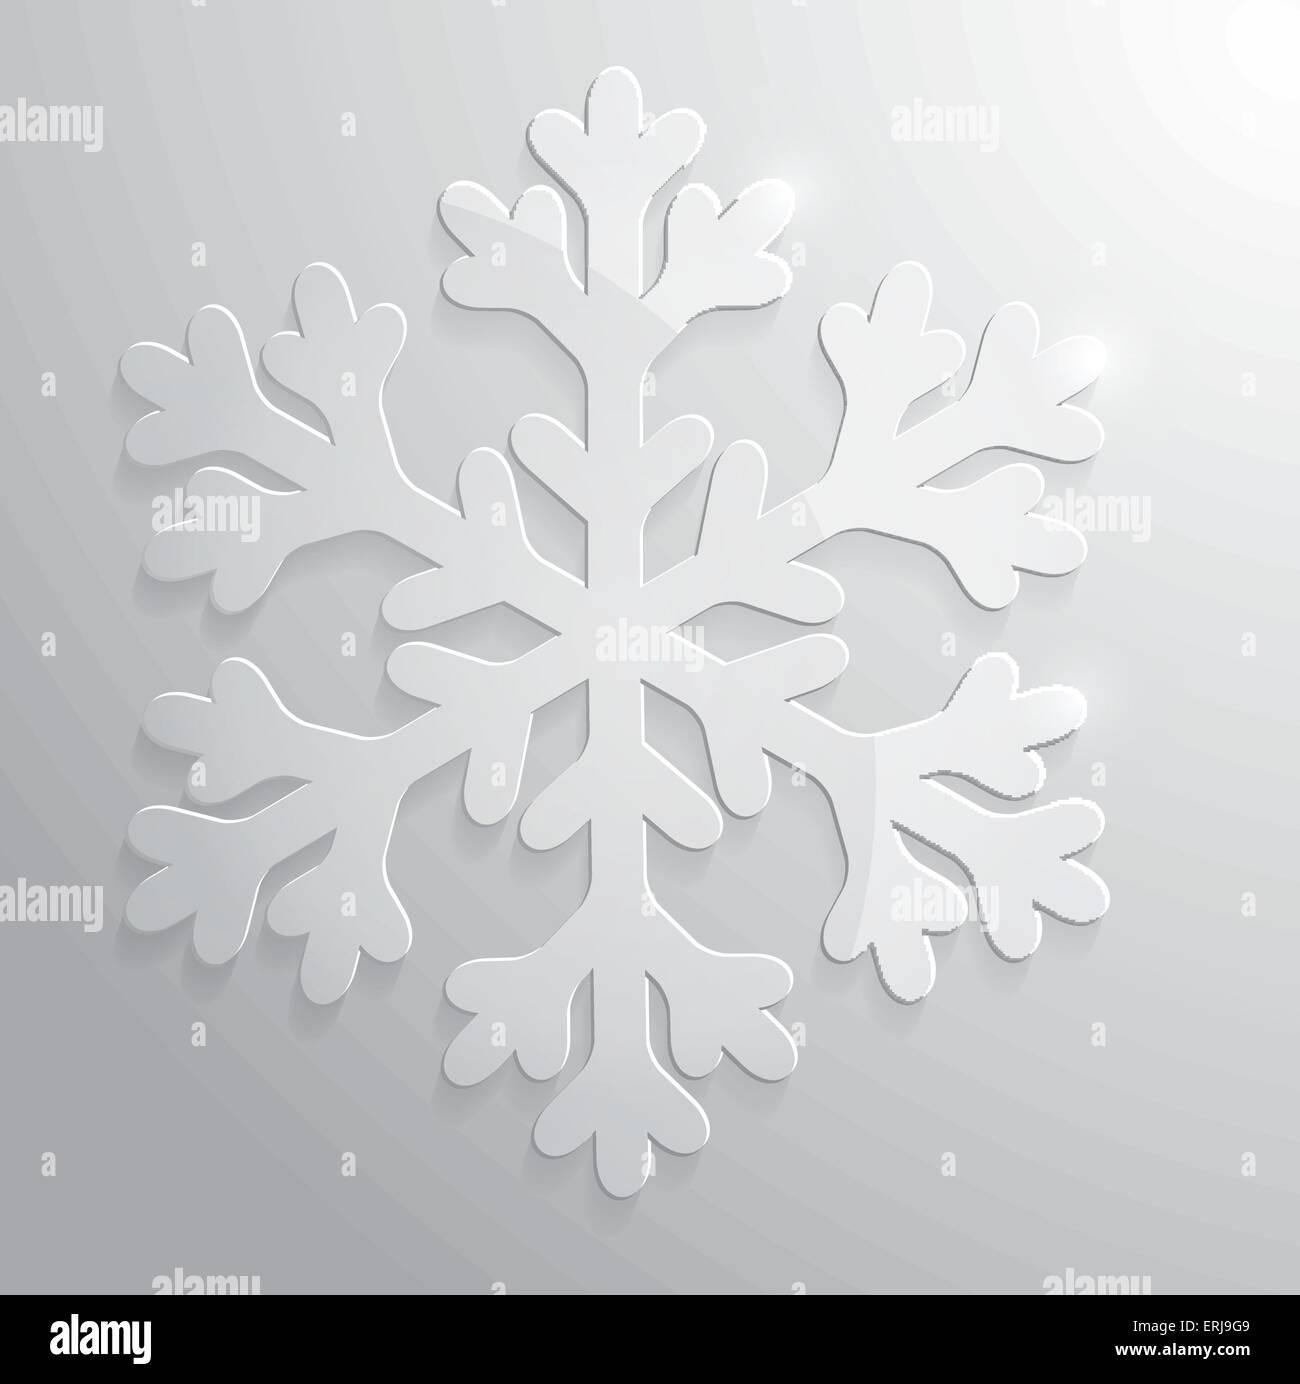 Il simbolo del fiocco di neve in vetro. Natale illustrazione vettoriale EPS10. Immagini Stock